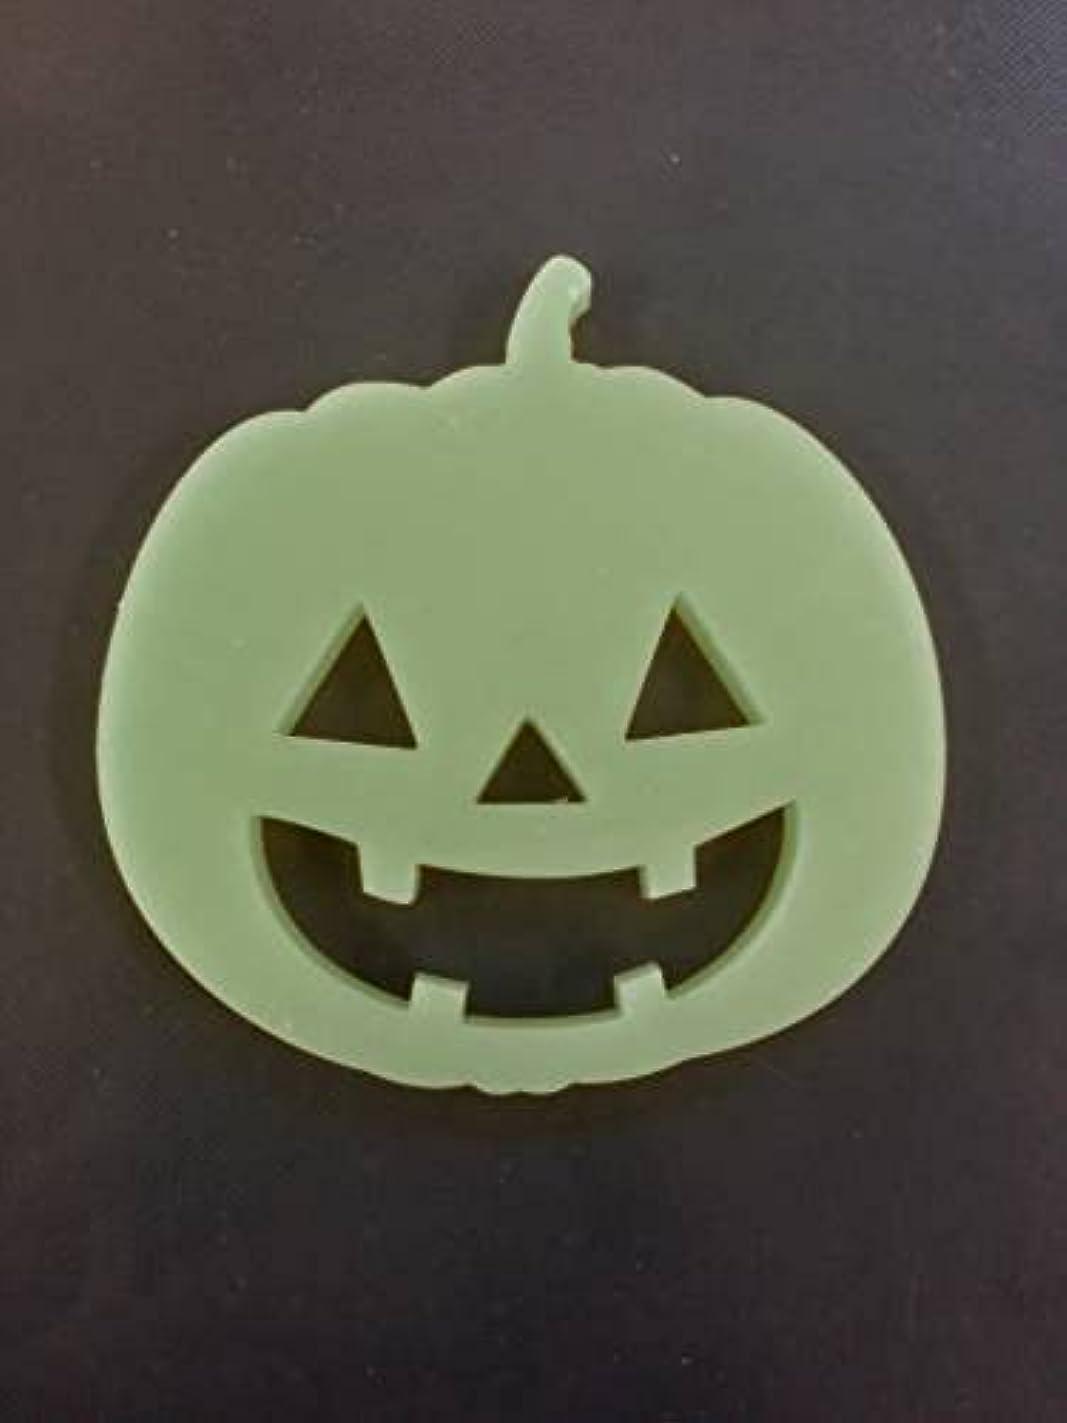 残り露出度の高い活性化するGRASSE TOKYO AROMATICWAXチャーム「ハロウィンかぼちゃ」(GR) レモングラス アロマティックワックス グラーストウキョウ